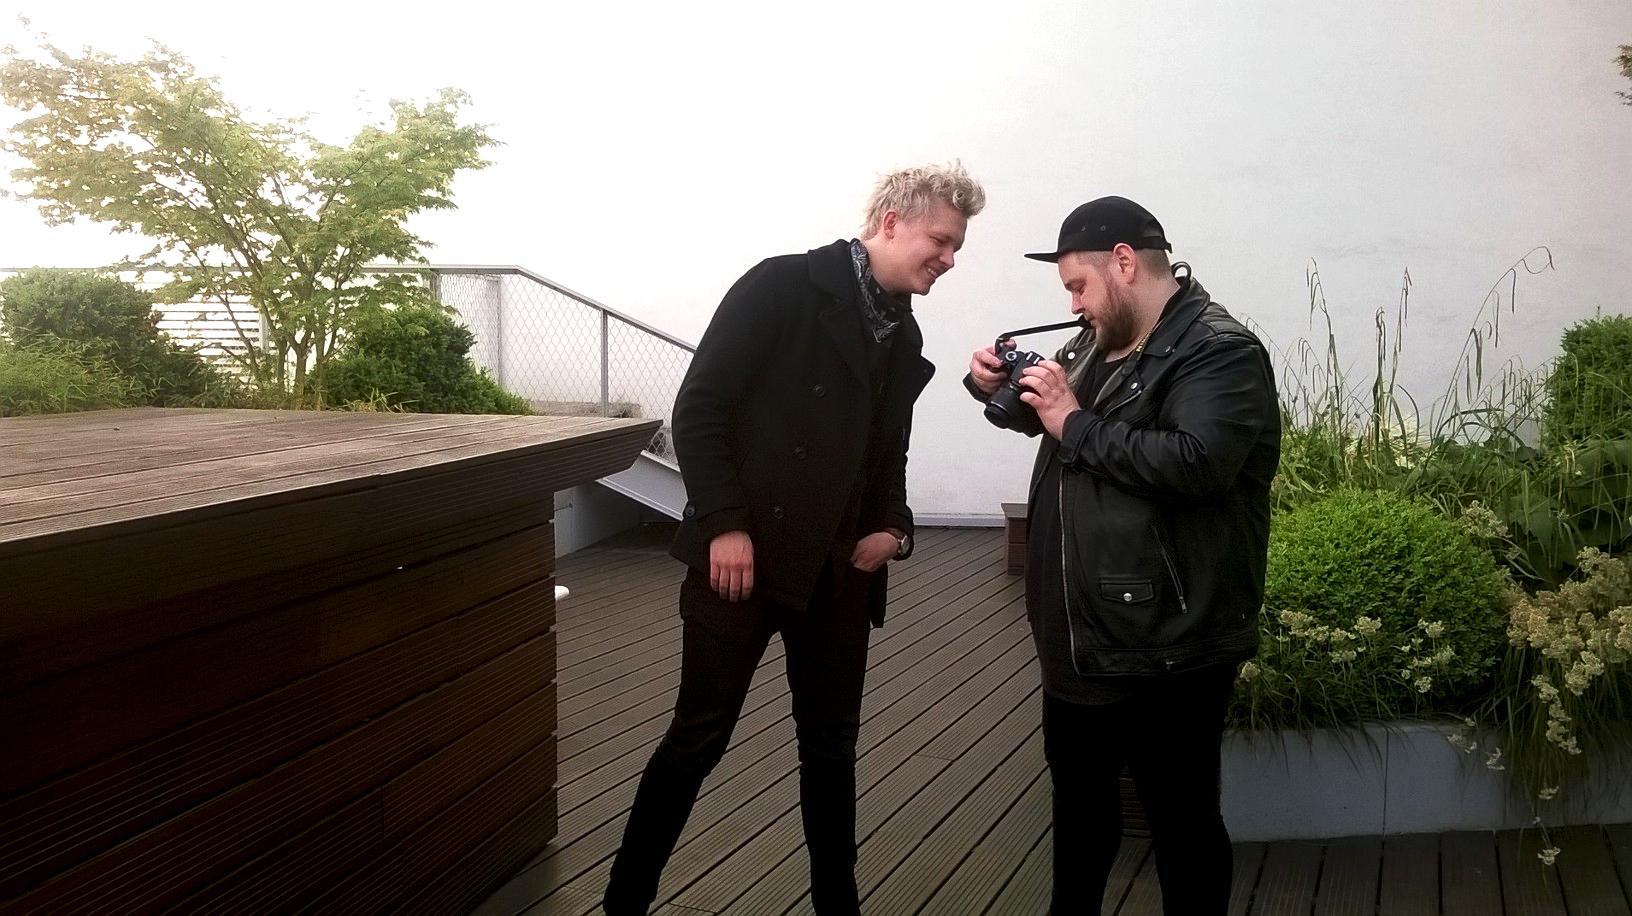 BEHIND THE SCENE - Comme d'habitude, on a demandé à Brynjar et Ragnar de se prendre mutuellement en photos...